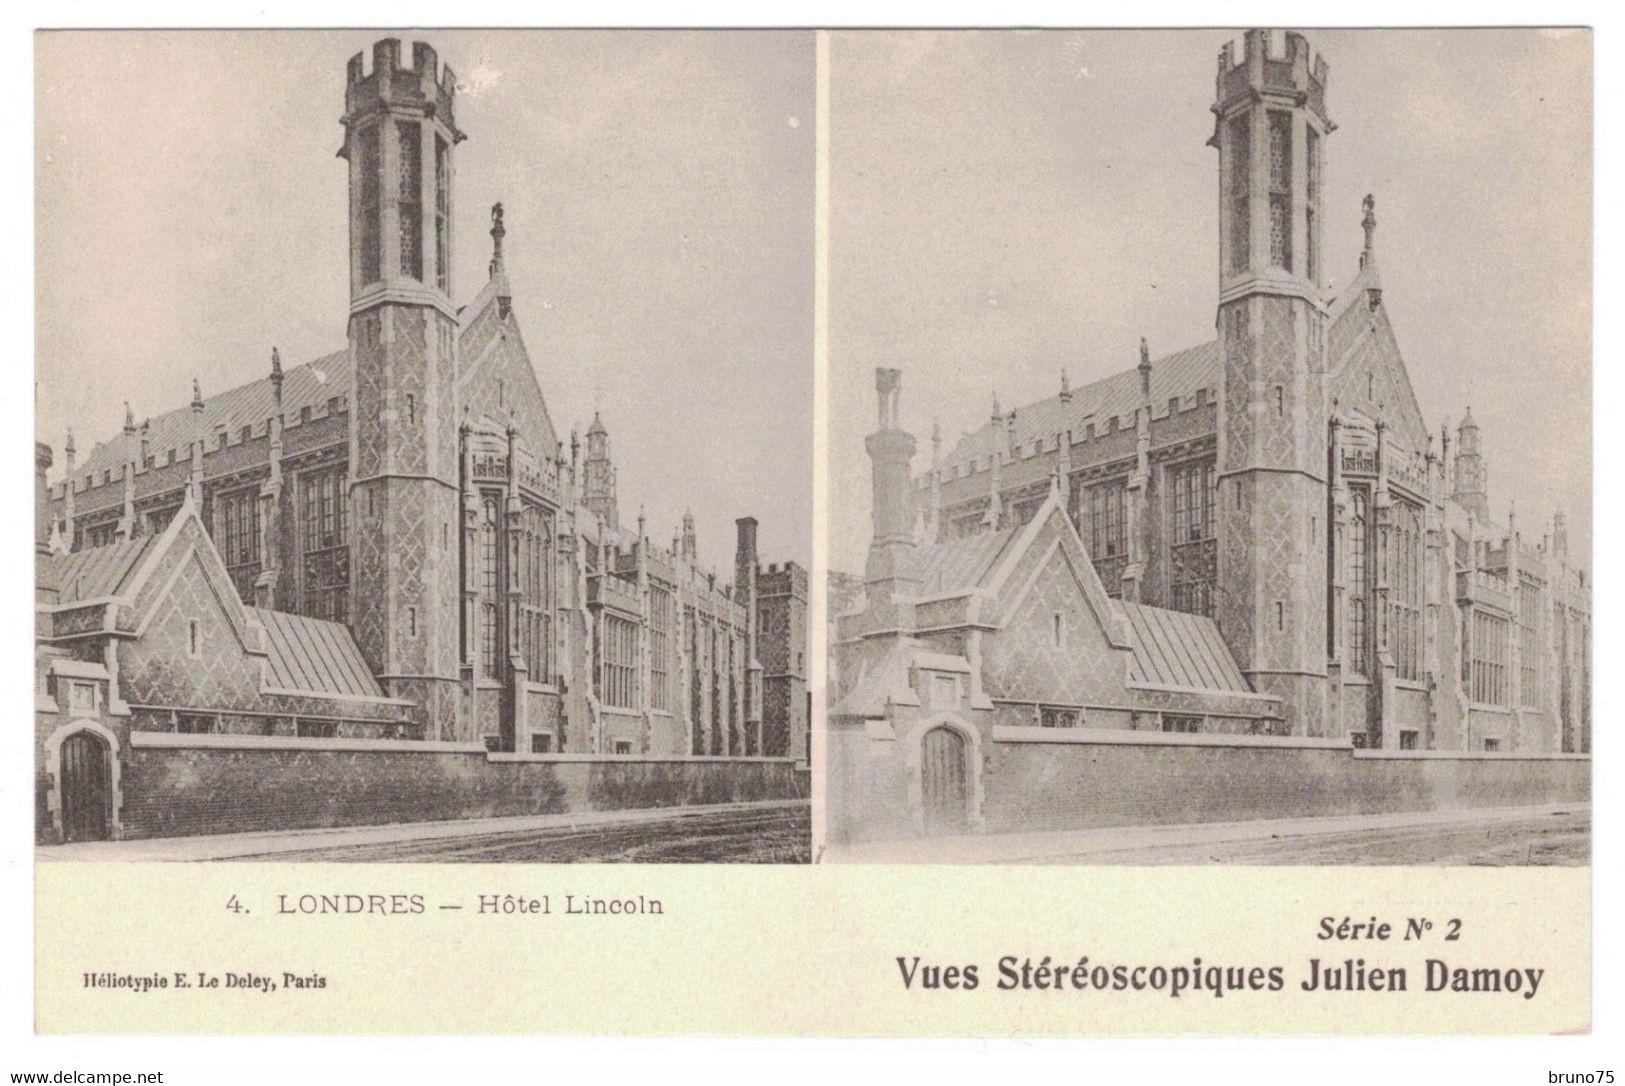 LONDRES - Hôtel Lincoln - Vues Stéréoscopiques Julien Damoy - 4 - Série N° 2 - Cartoline Stereoscopiche